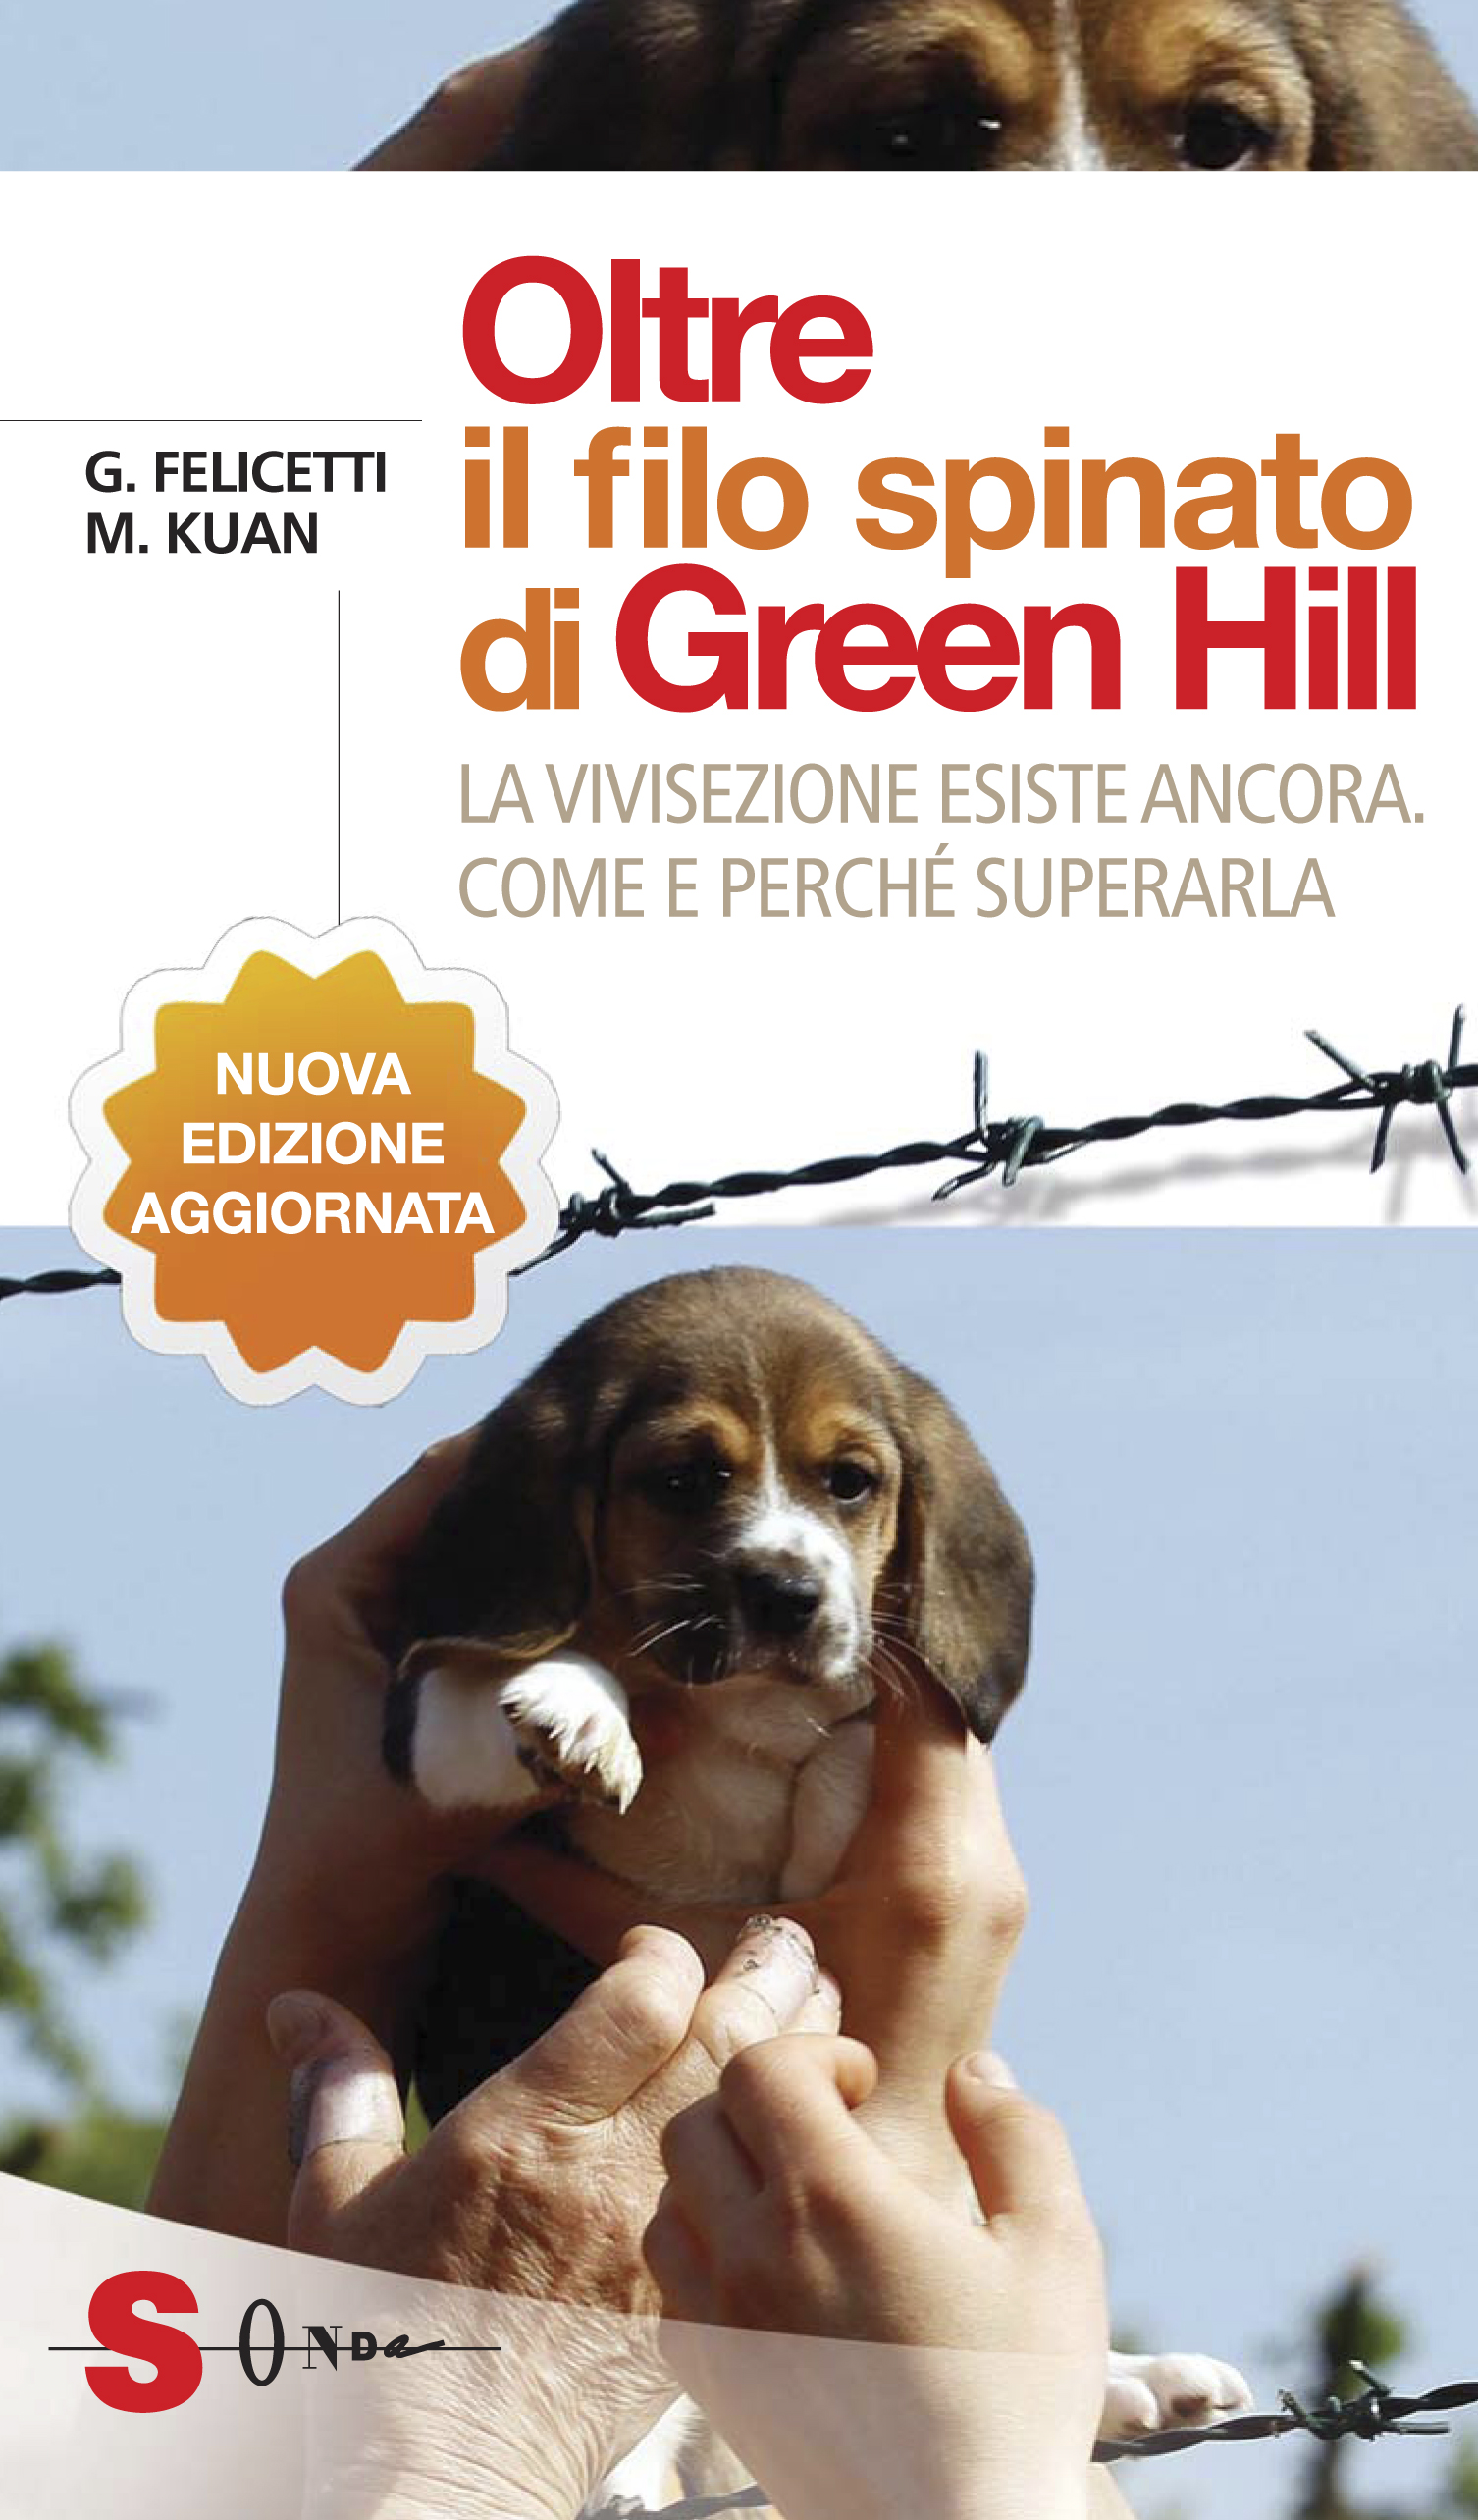 Oltre il filo spinato di Green Hill